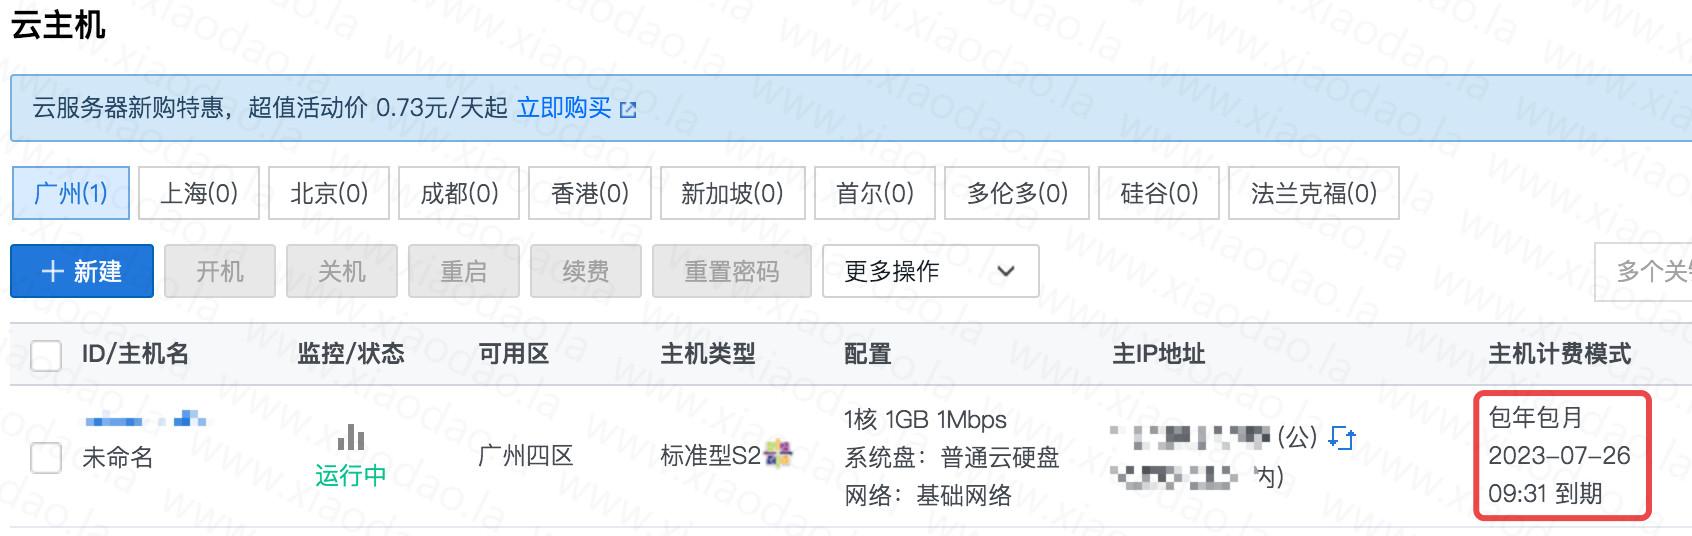 180元撸18月腾讯云服务器